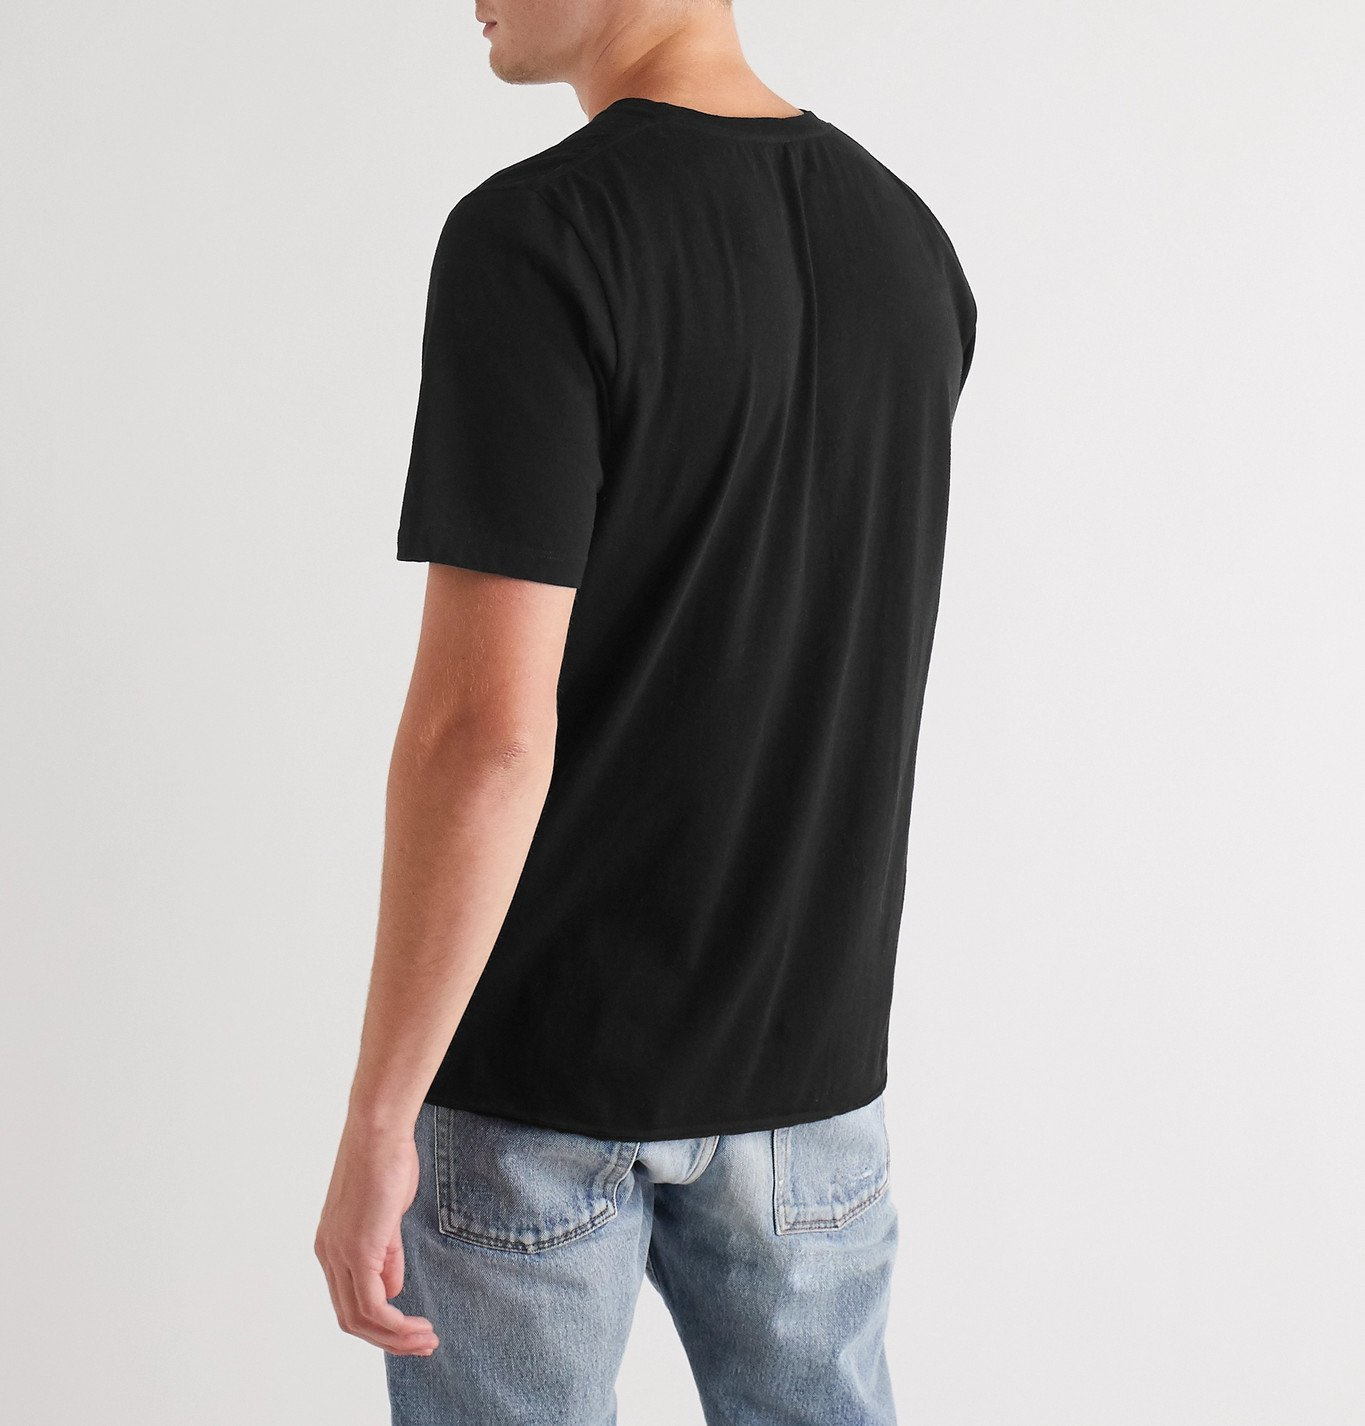 SAINT LAURENT - Printed Cotton-Jersey T-Shirt - Black